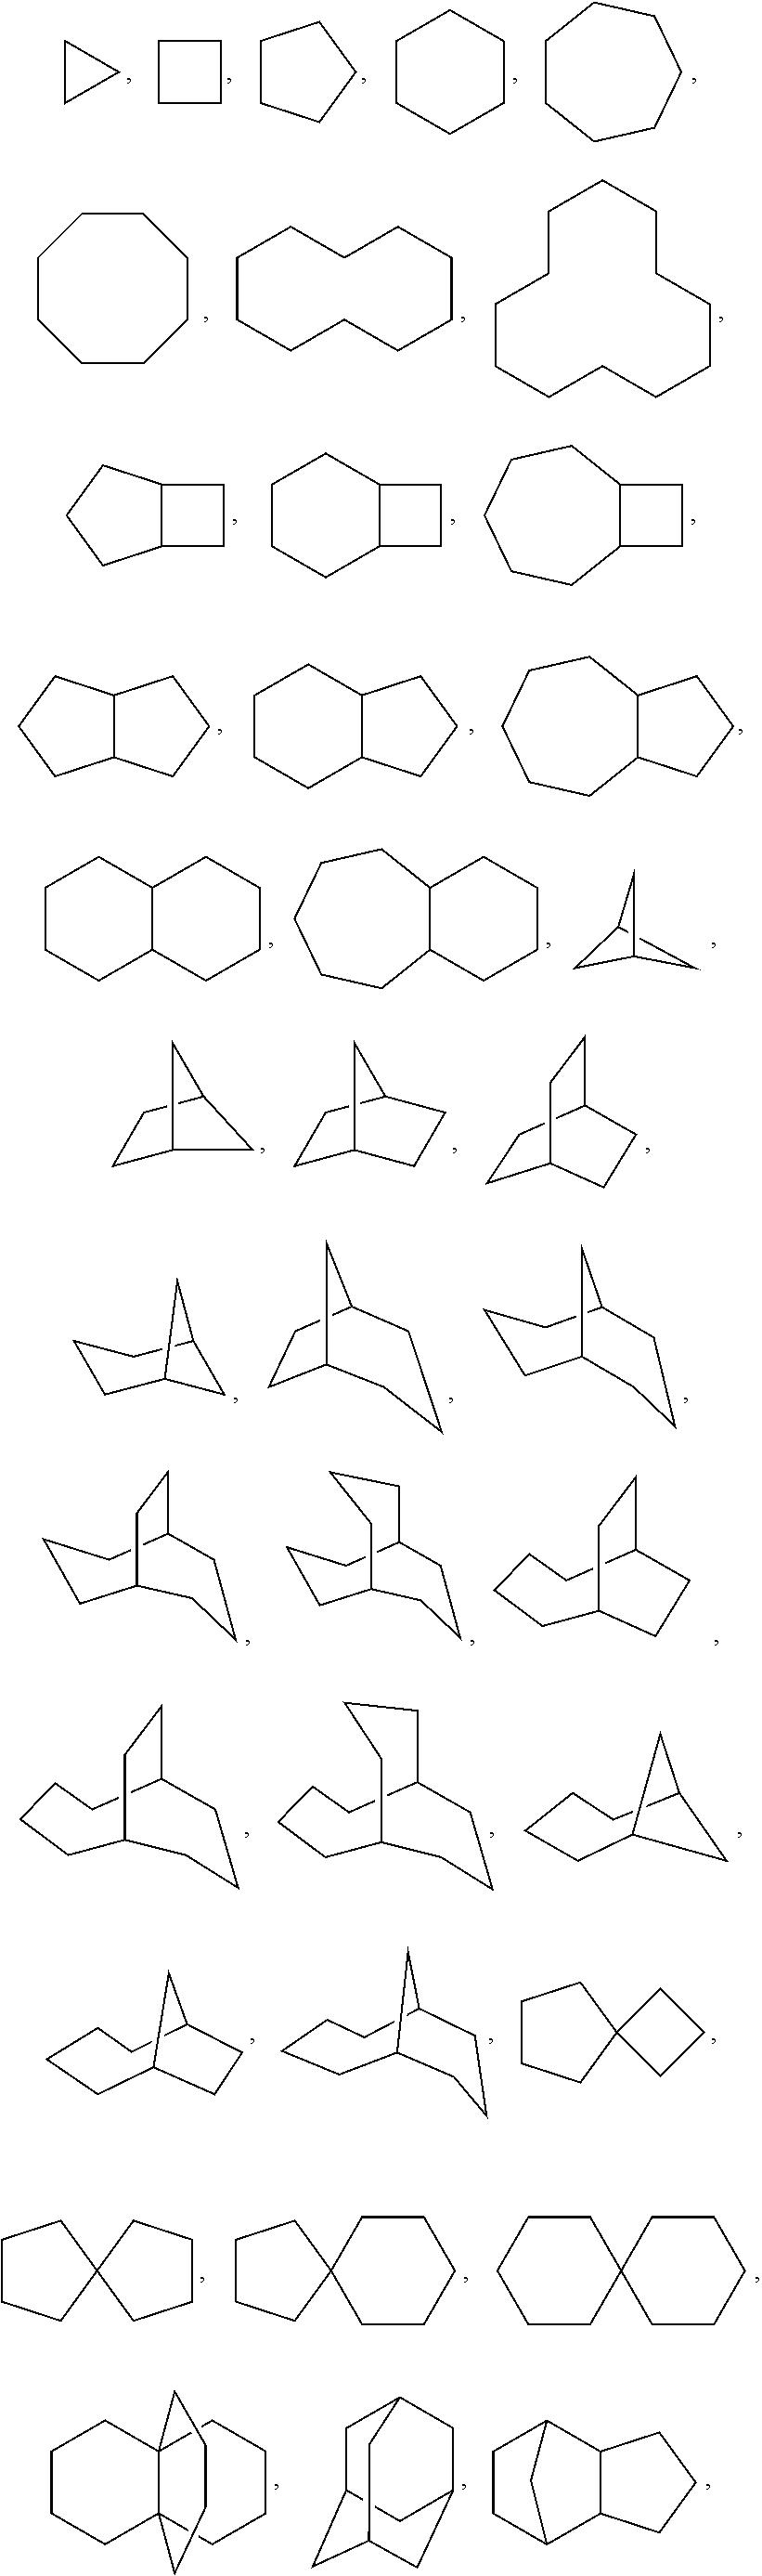 Figure US20180076393A1-20180315-C00015